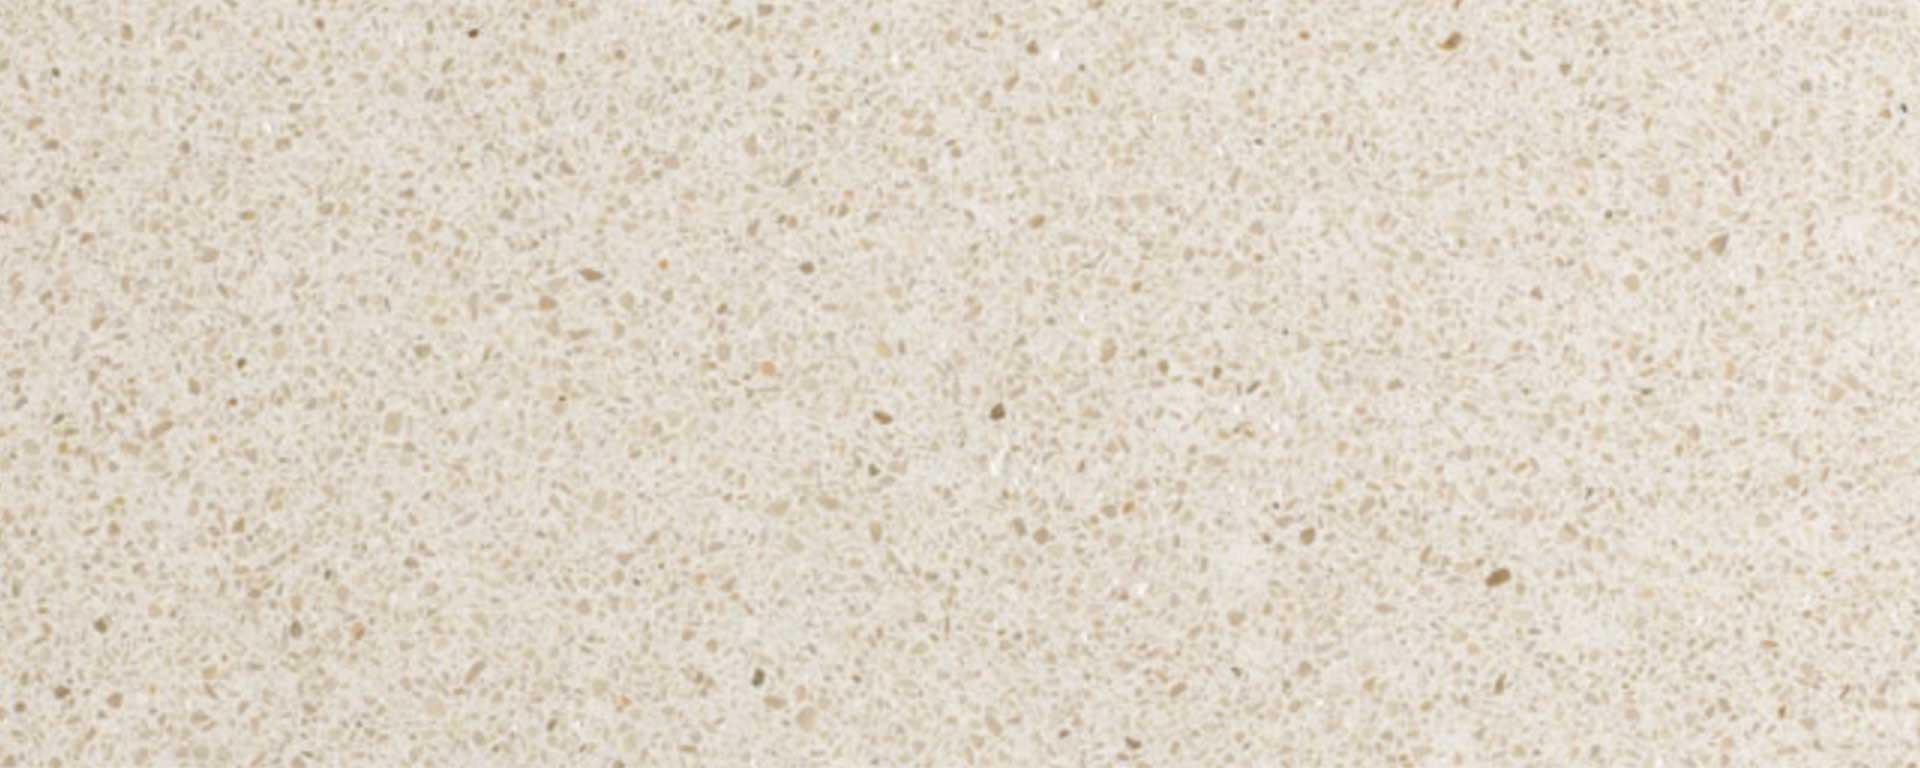 MMDA-007-terrazzo-marmo-cemento